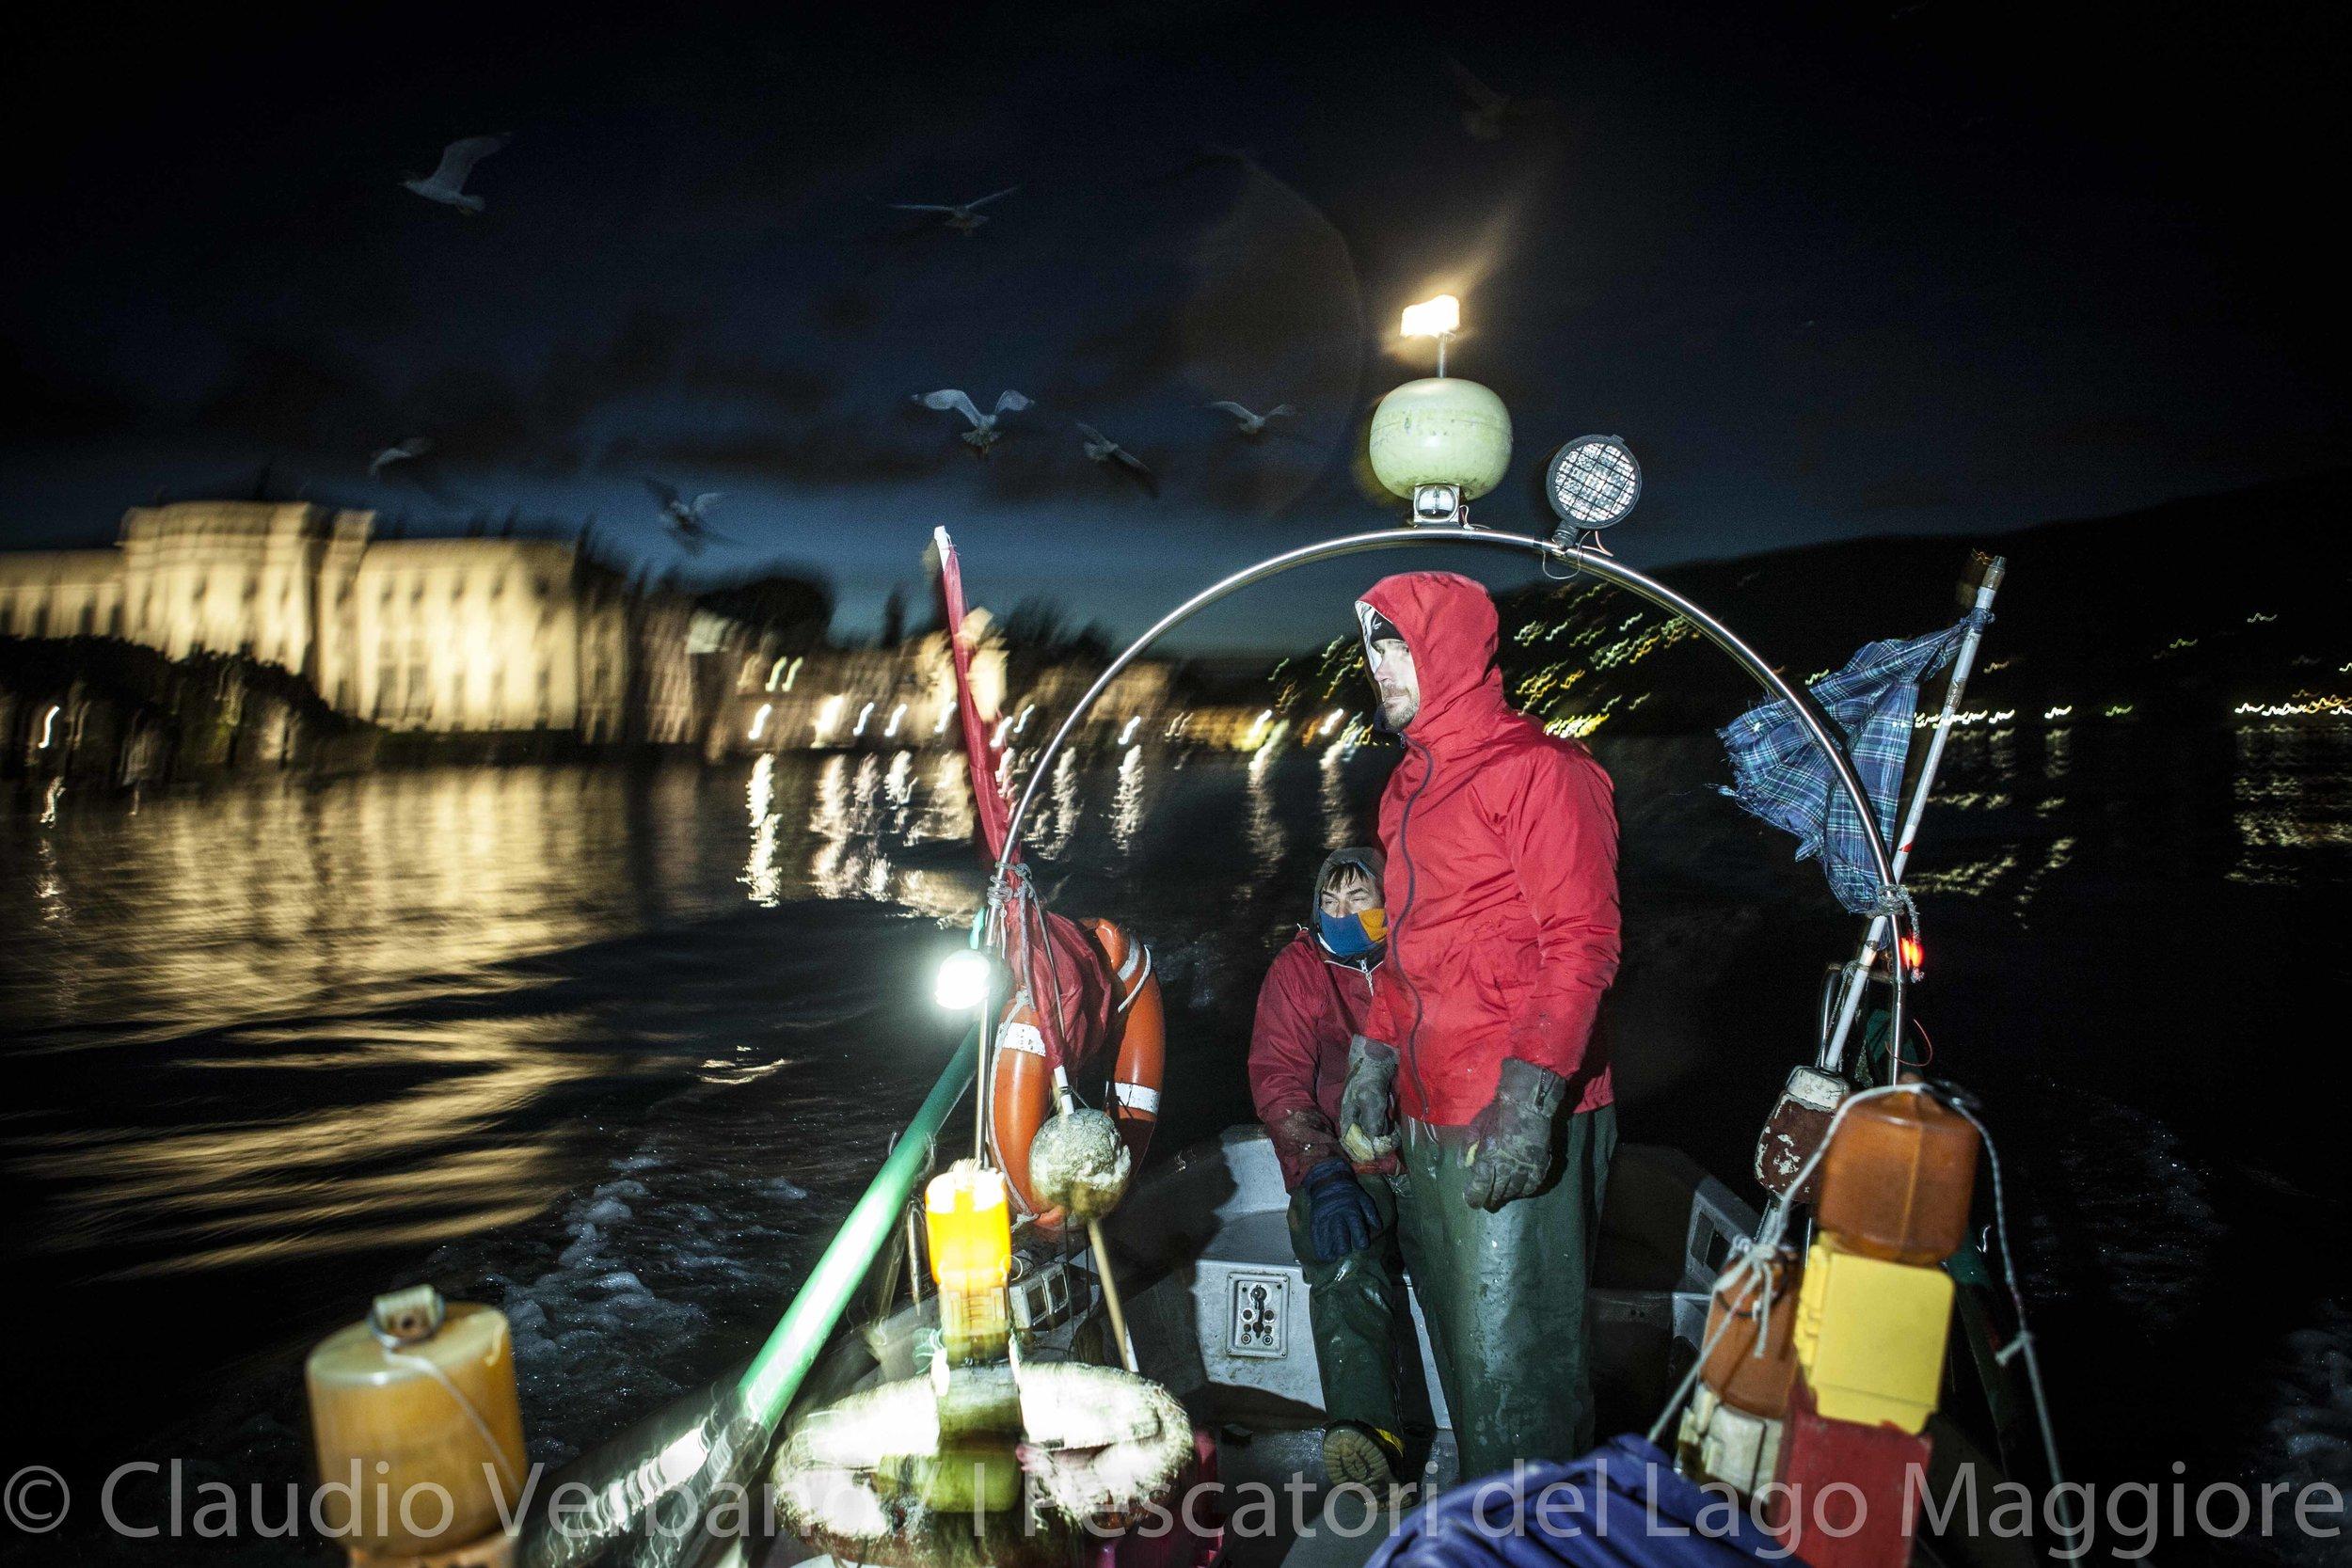 ClaudioVerbano_I Pescatori del Lago Maggiore_05.jpg